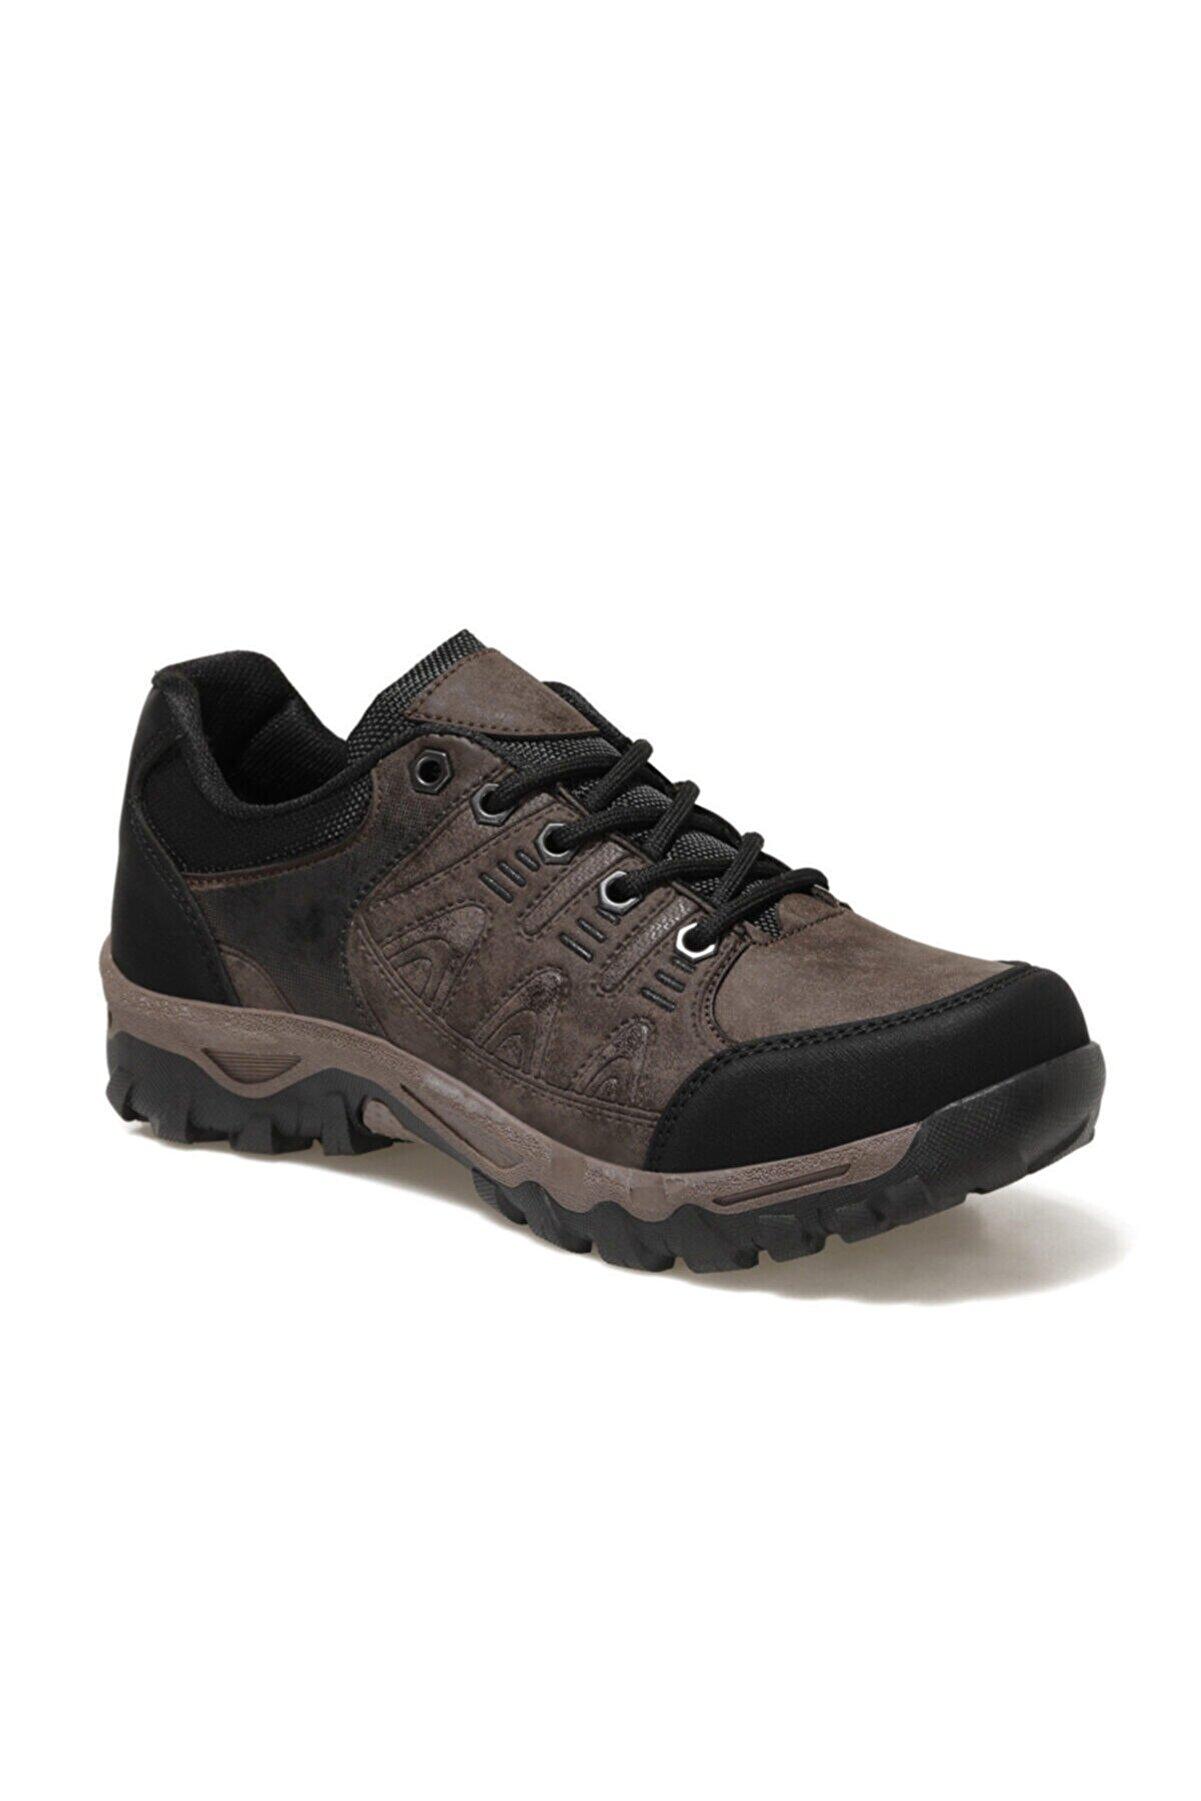 Torex Shake Kahverengi Erkek Outdoor Ayakkabı